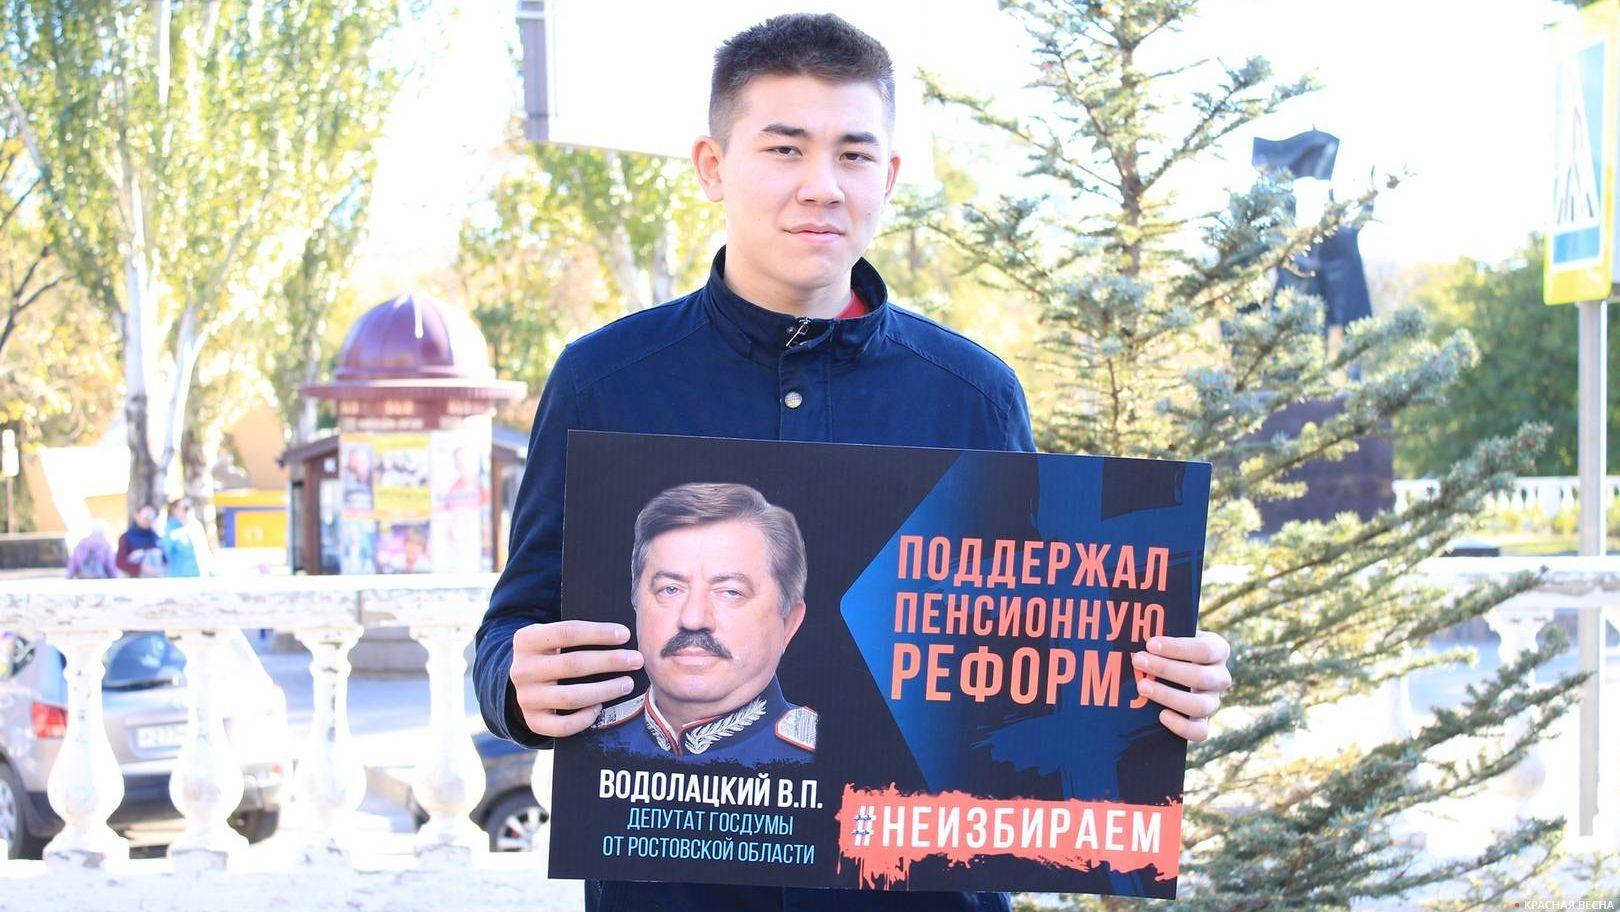 Одиночные пикеты против пенсионной реформы.  Ростов-на-Дону